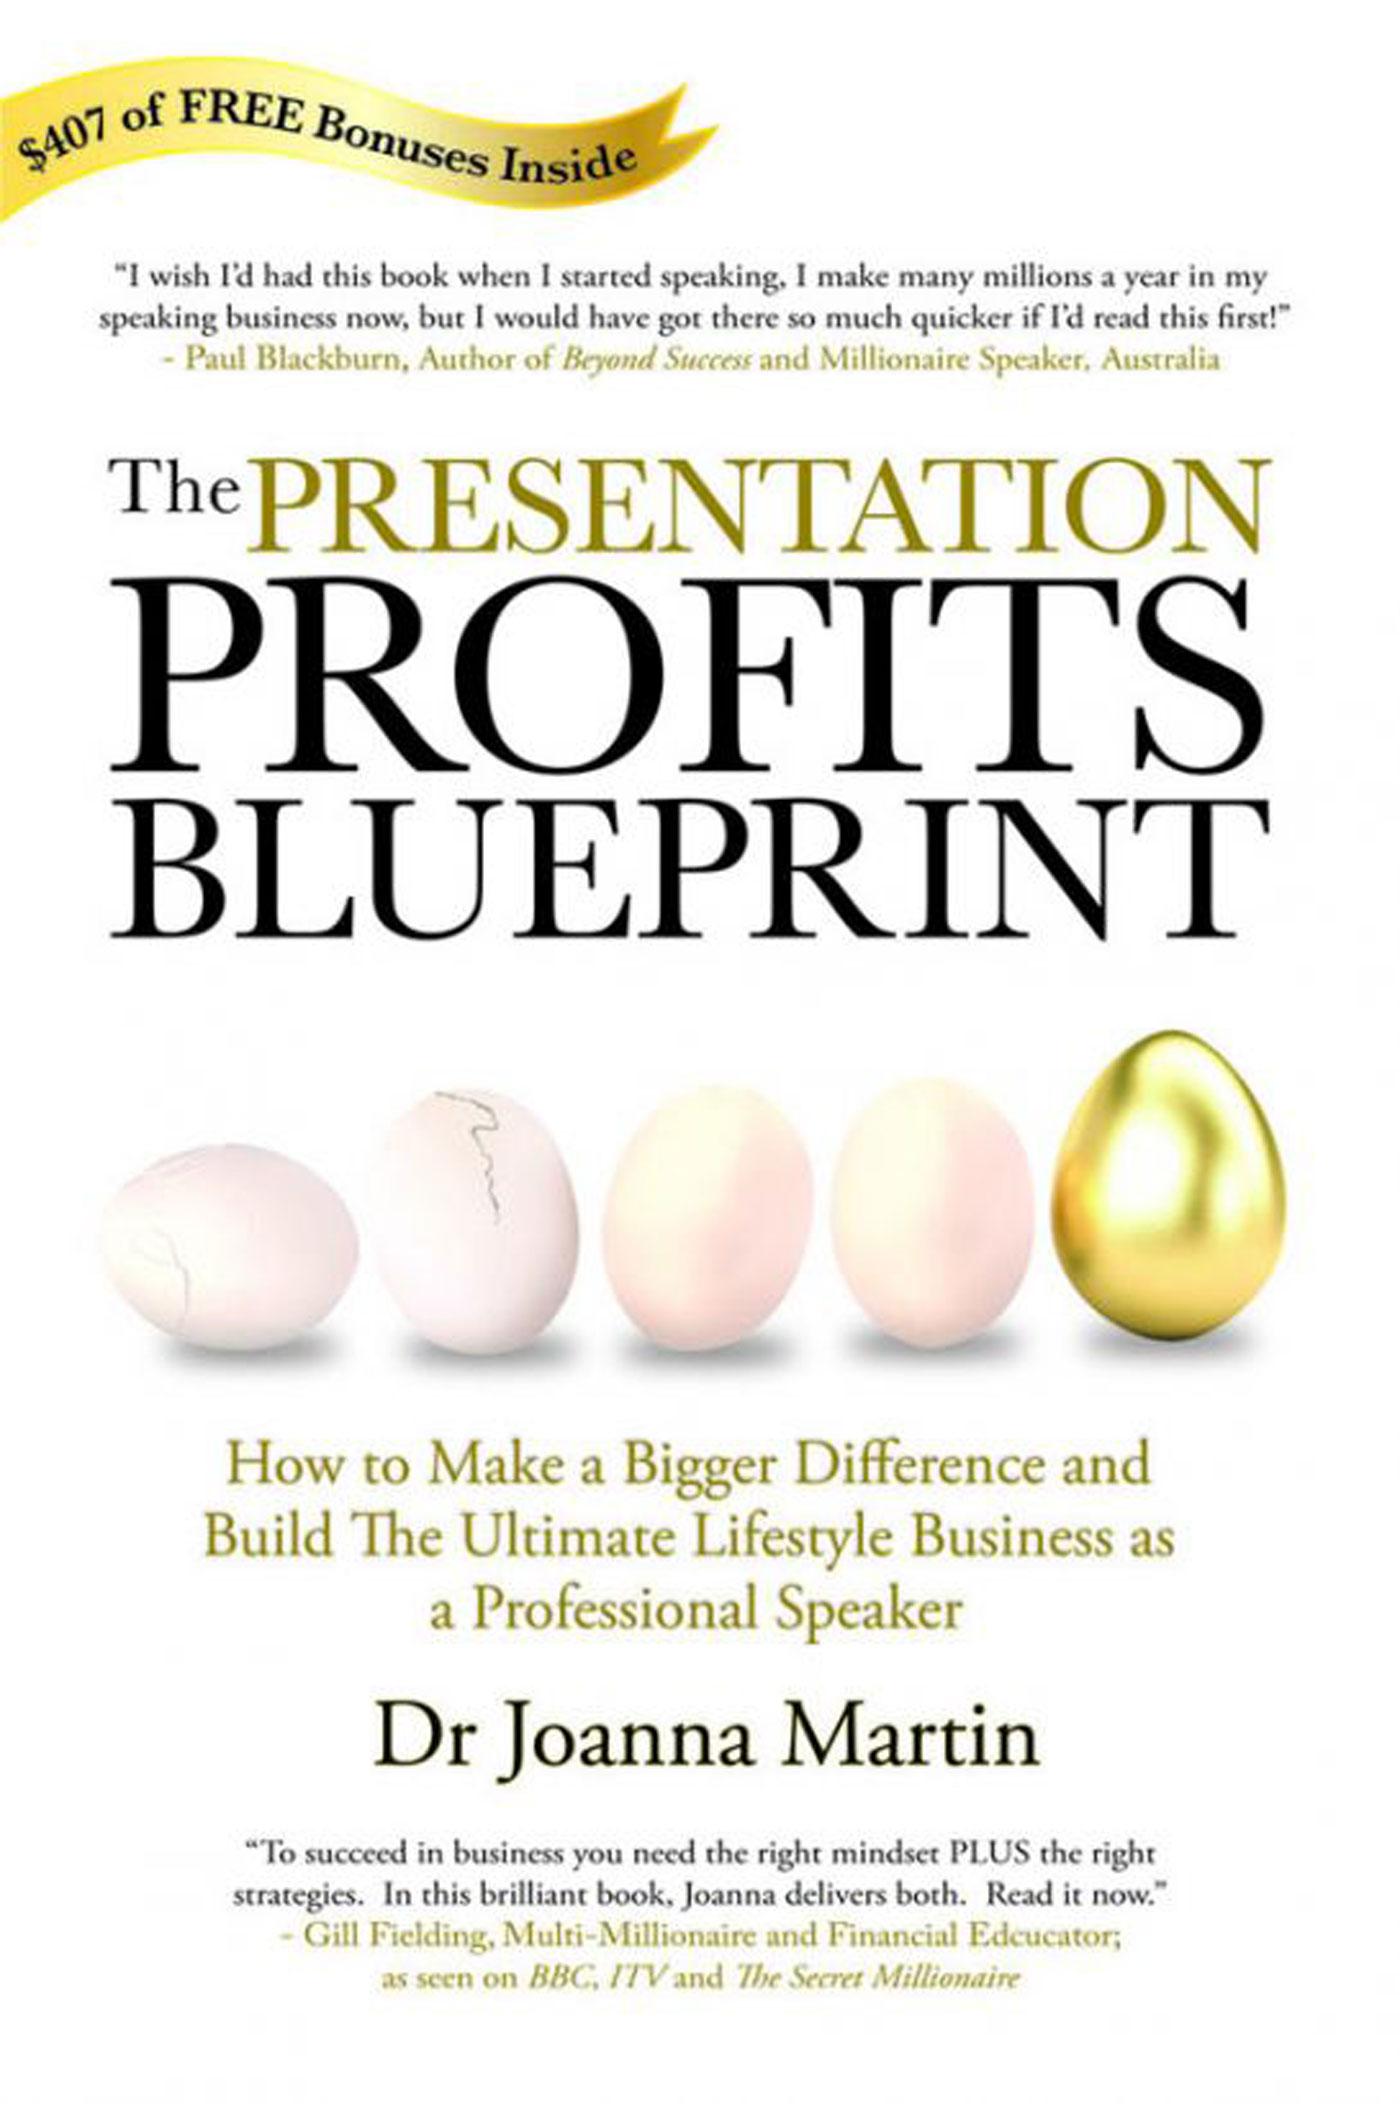 Smashwords the presentation profits blueprint a book by dr the presentation profits blueprint malvernweather Choice Image